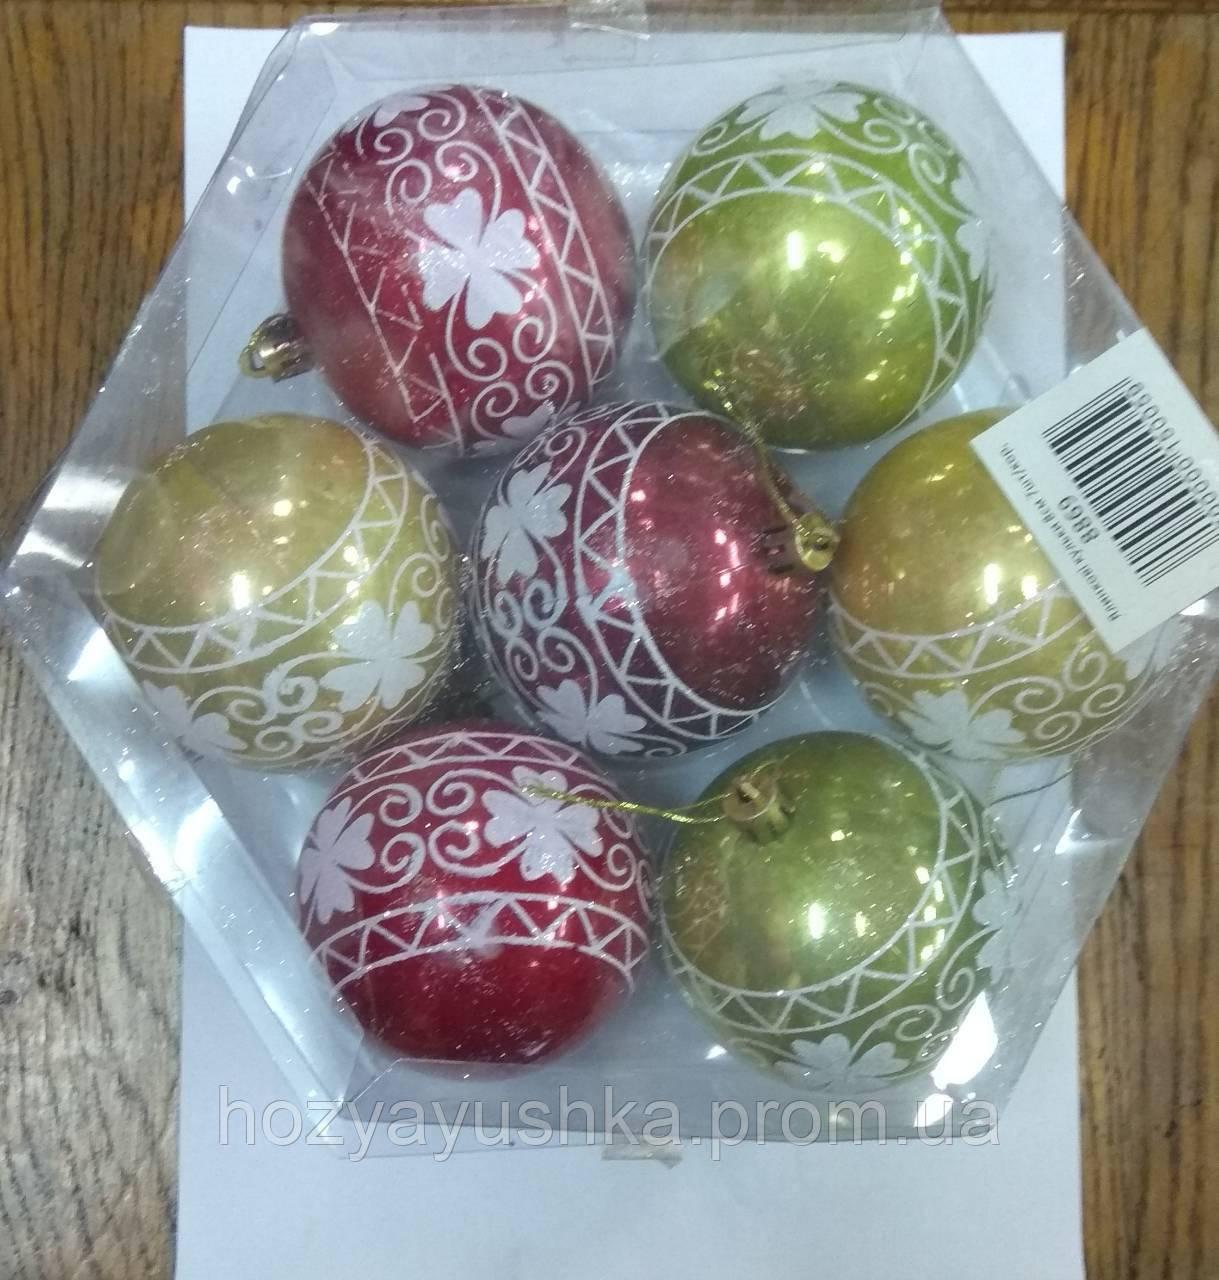 Новогодние шары 7см 7шт/кор, 8869